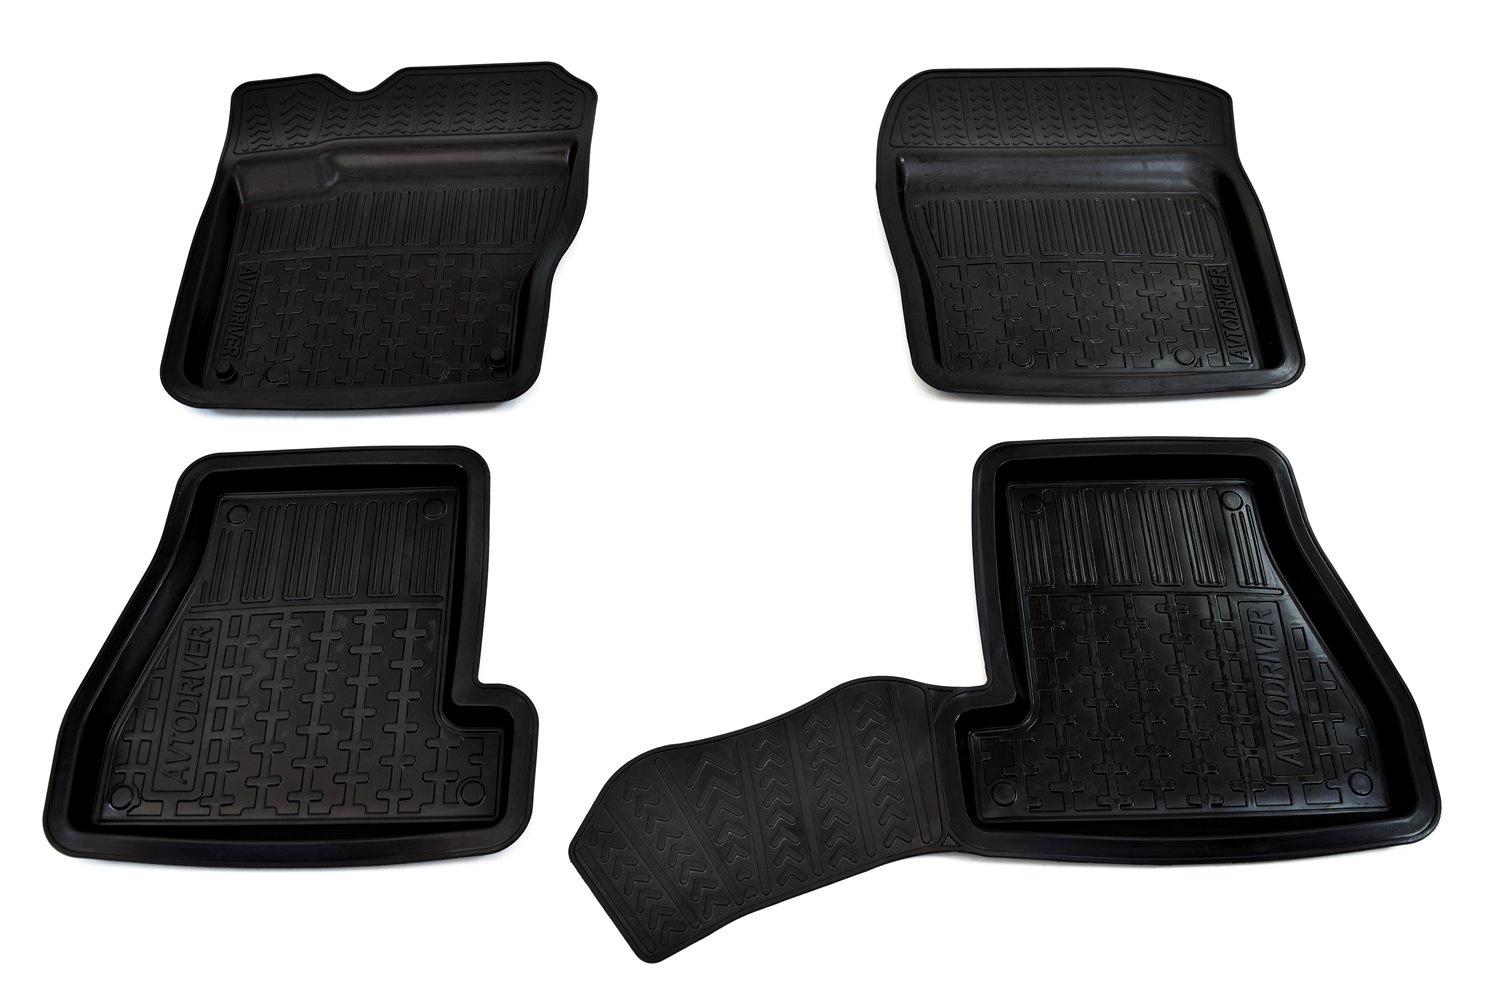 цены на Коврики в салон автомобиля Avtodriver, для Ford Focus II, 2005-2011, ADRPRO029, резиновые, с бортиком, черный  в интернет-магазинах